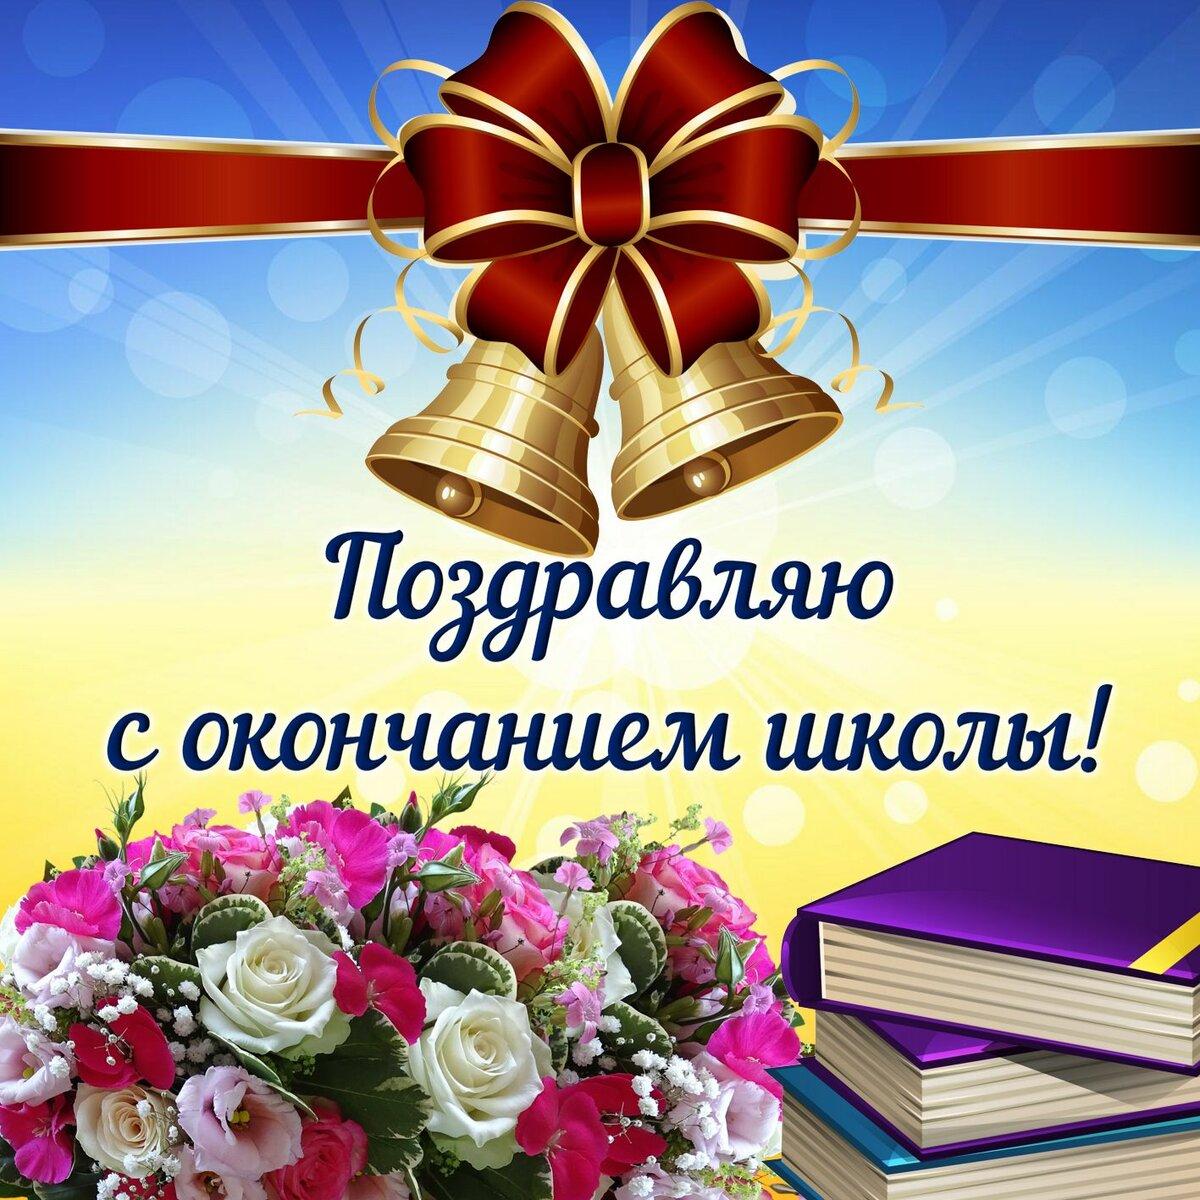 Прикольные поздравления с окончанием учебы в школе